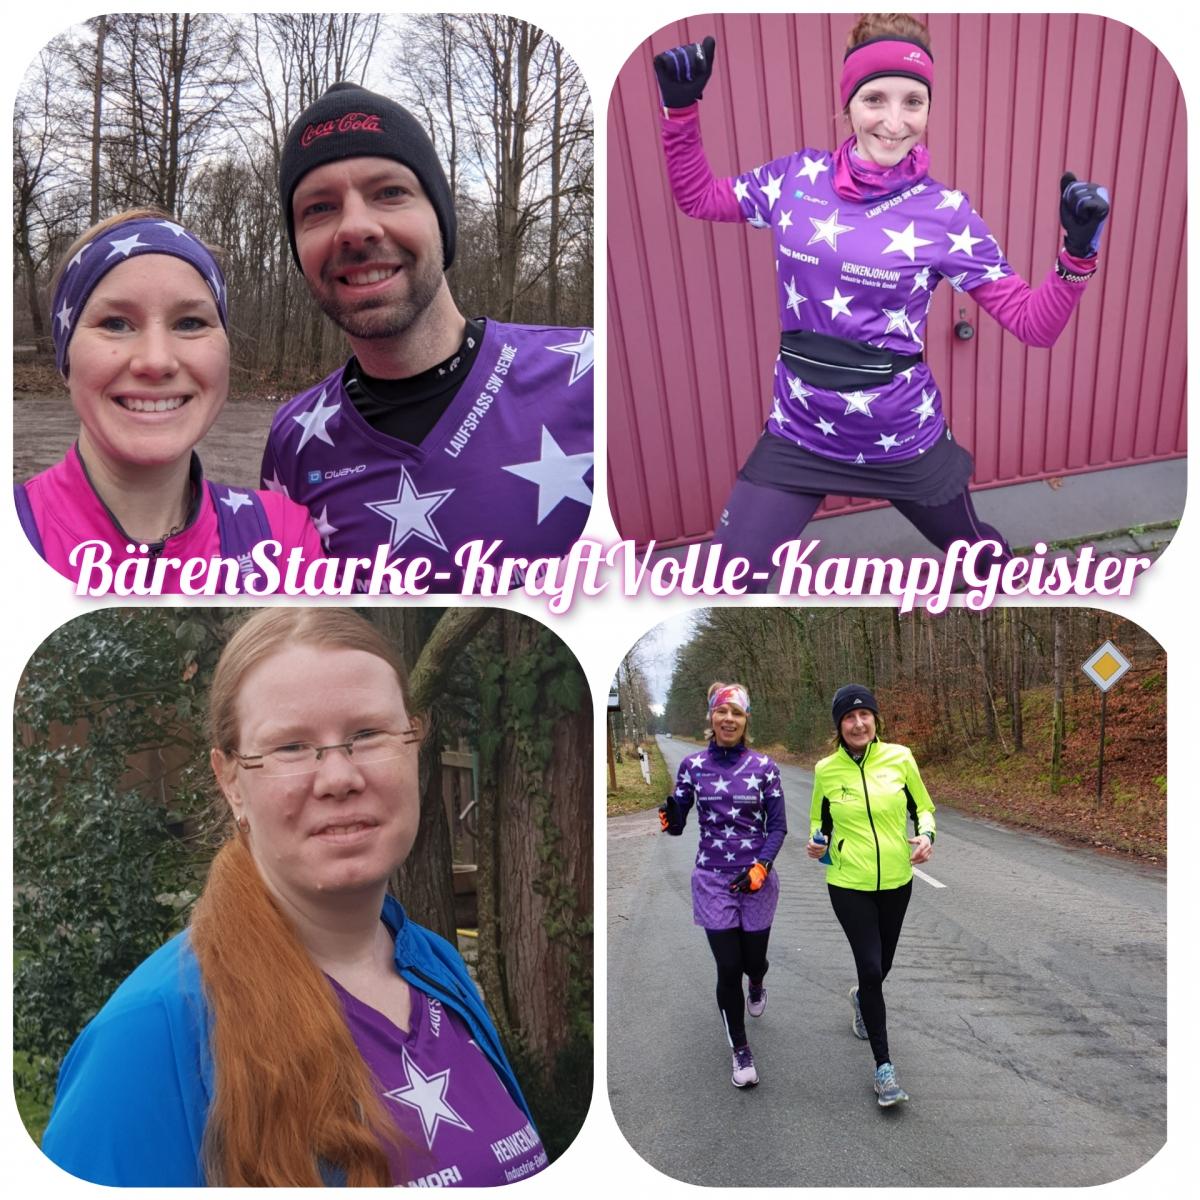 Frenzel-Stefanie-4-Challenge-Marathon-Team-qanPJ